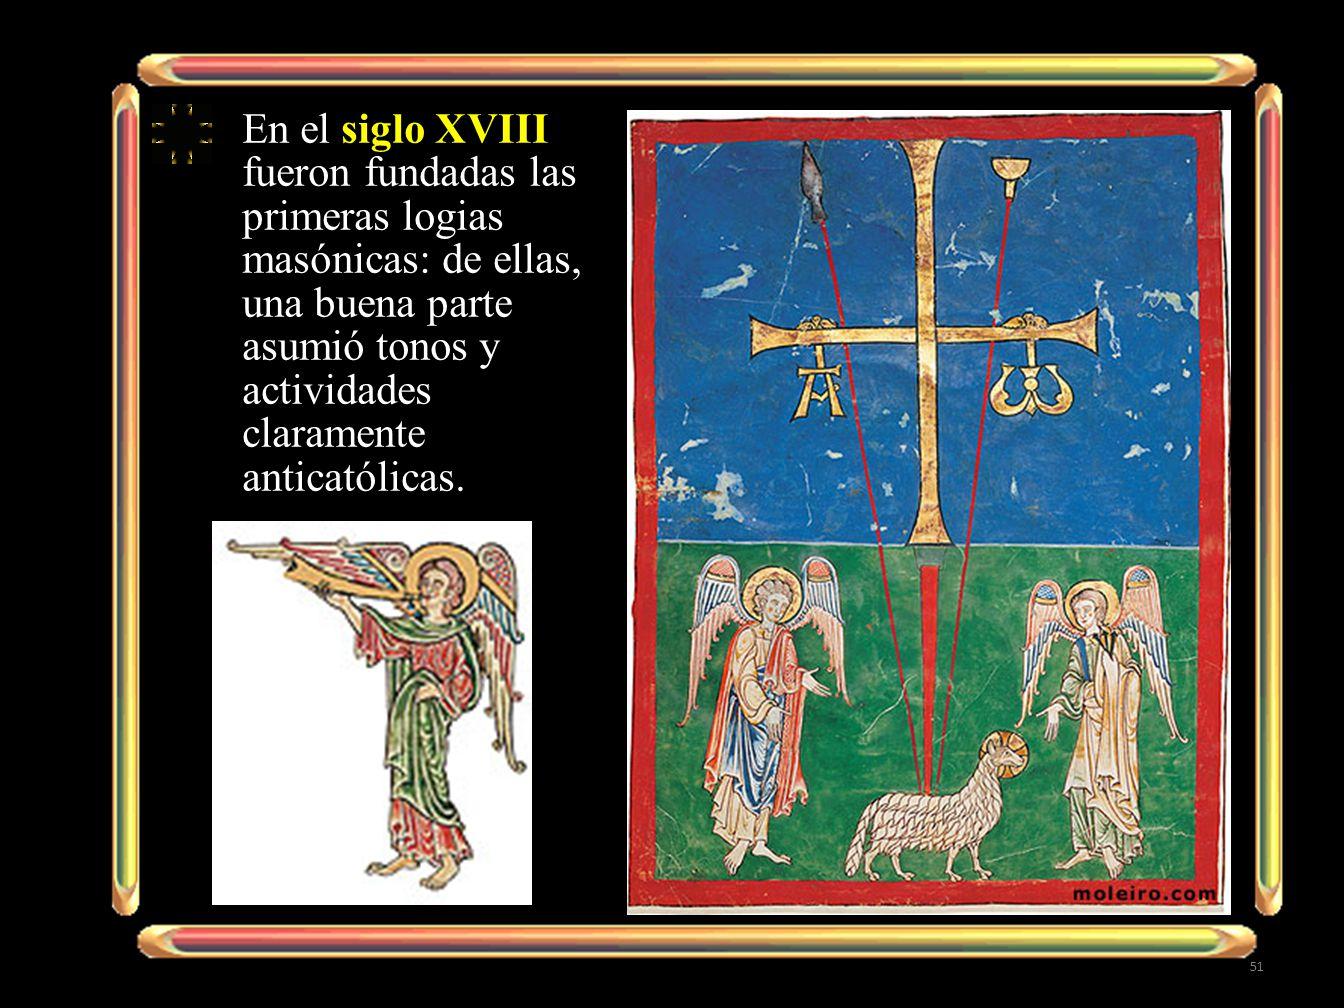 En el siglo XVIII fueron fundadas las primeras logias masónicas: de ellas, una buena parte asumió tonos y actividades claramente anticatólicas.